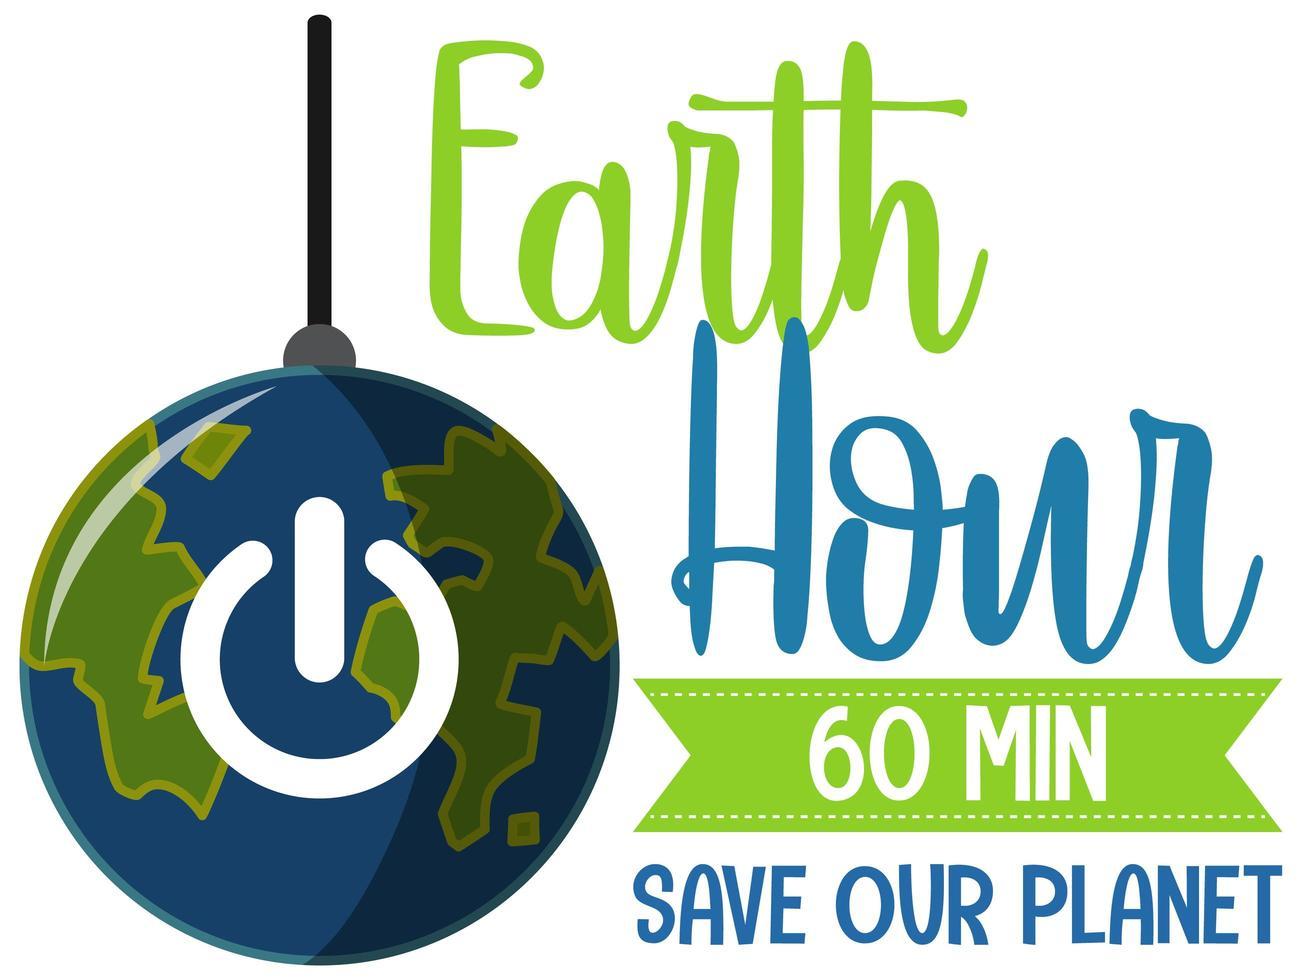 affiche ou bannière de la campagne heure de la terre éteignez vos lumières pour notre planète 60 minutes vecteur